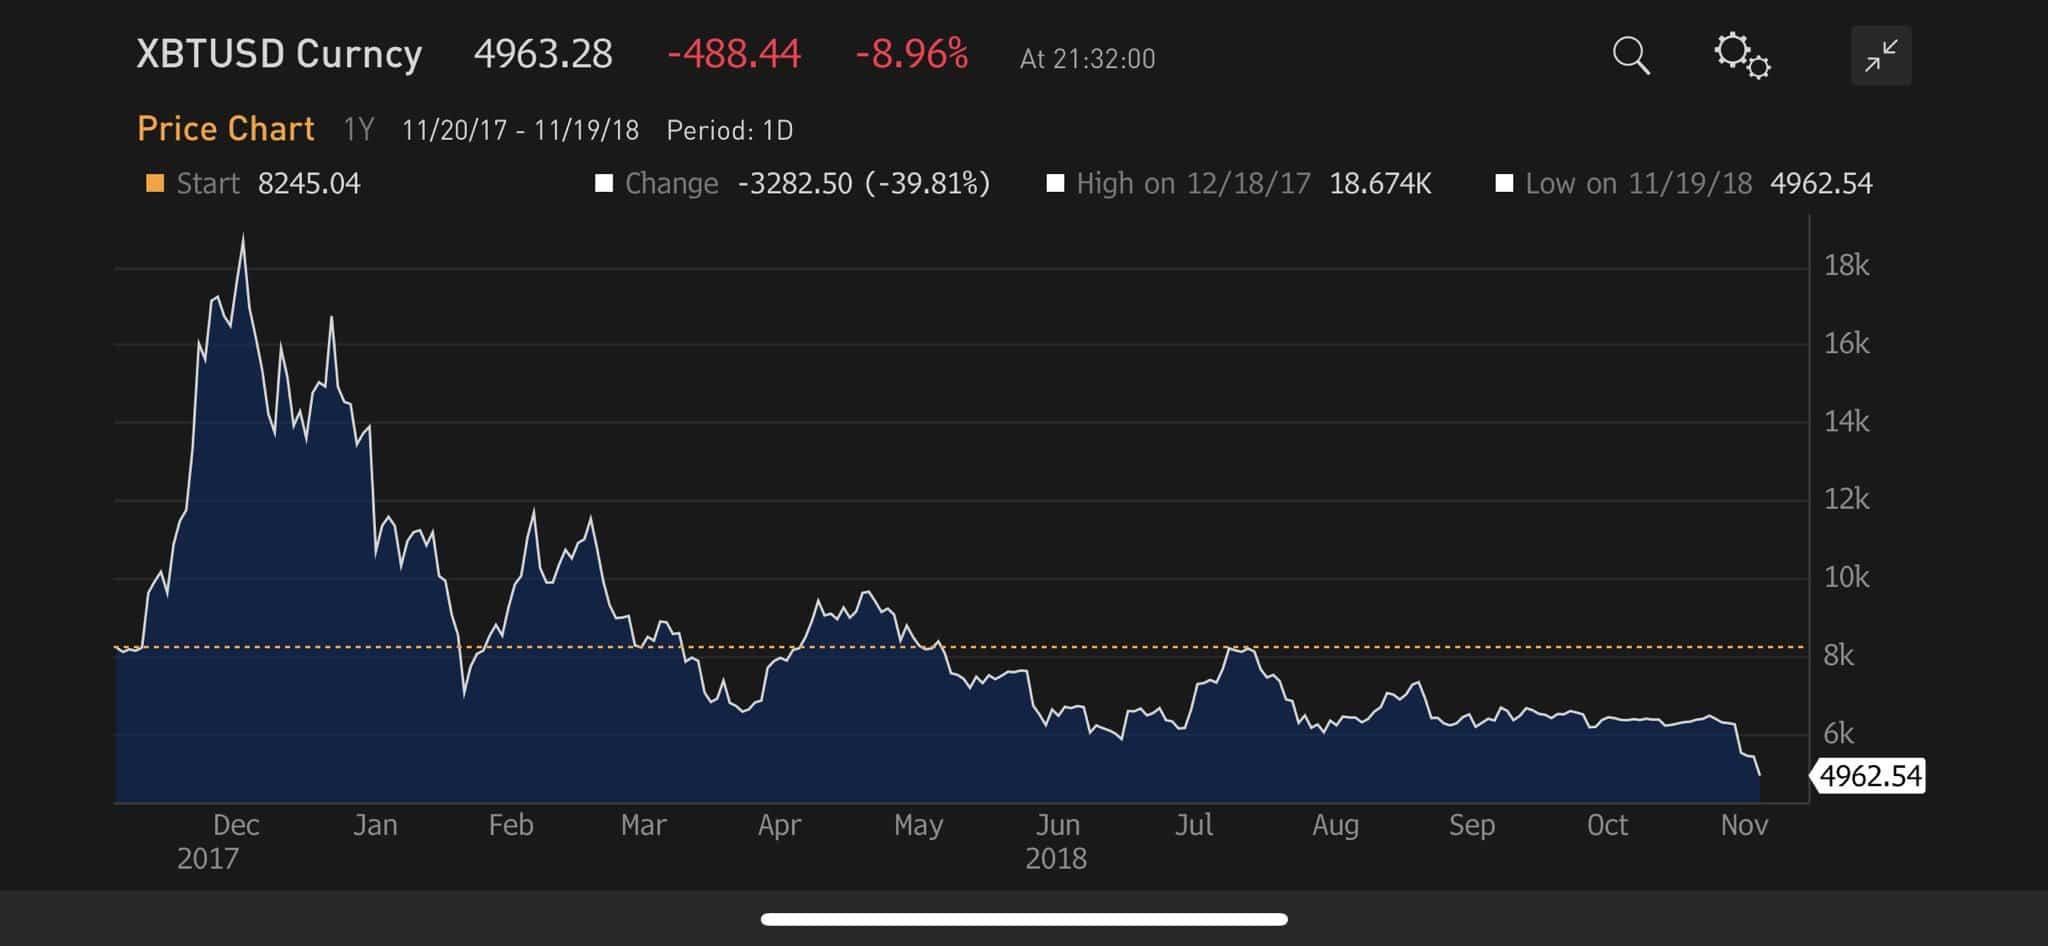 Le Bitcoin continue de chuter et évolue actuellement sous les 5000 $